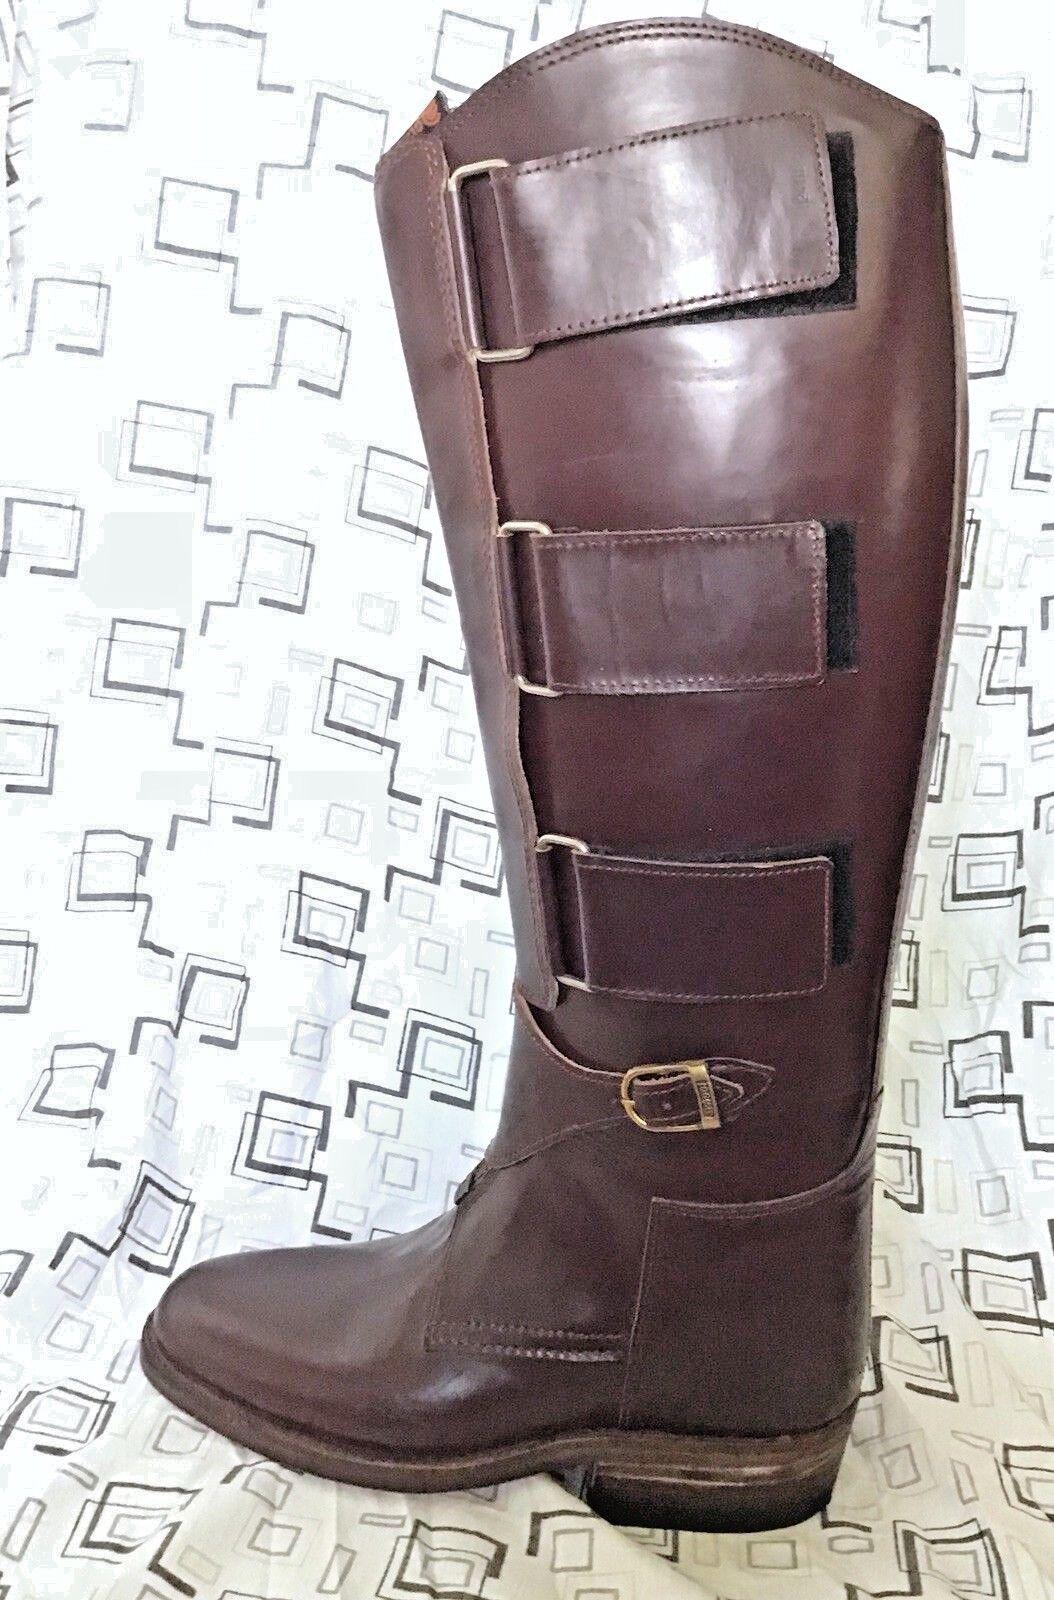 botas de jugador de polo de hombre 10 Rojo Marrón-Ecuestre botas Altas botas Cuero